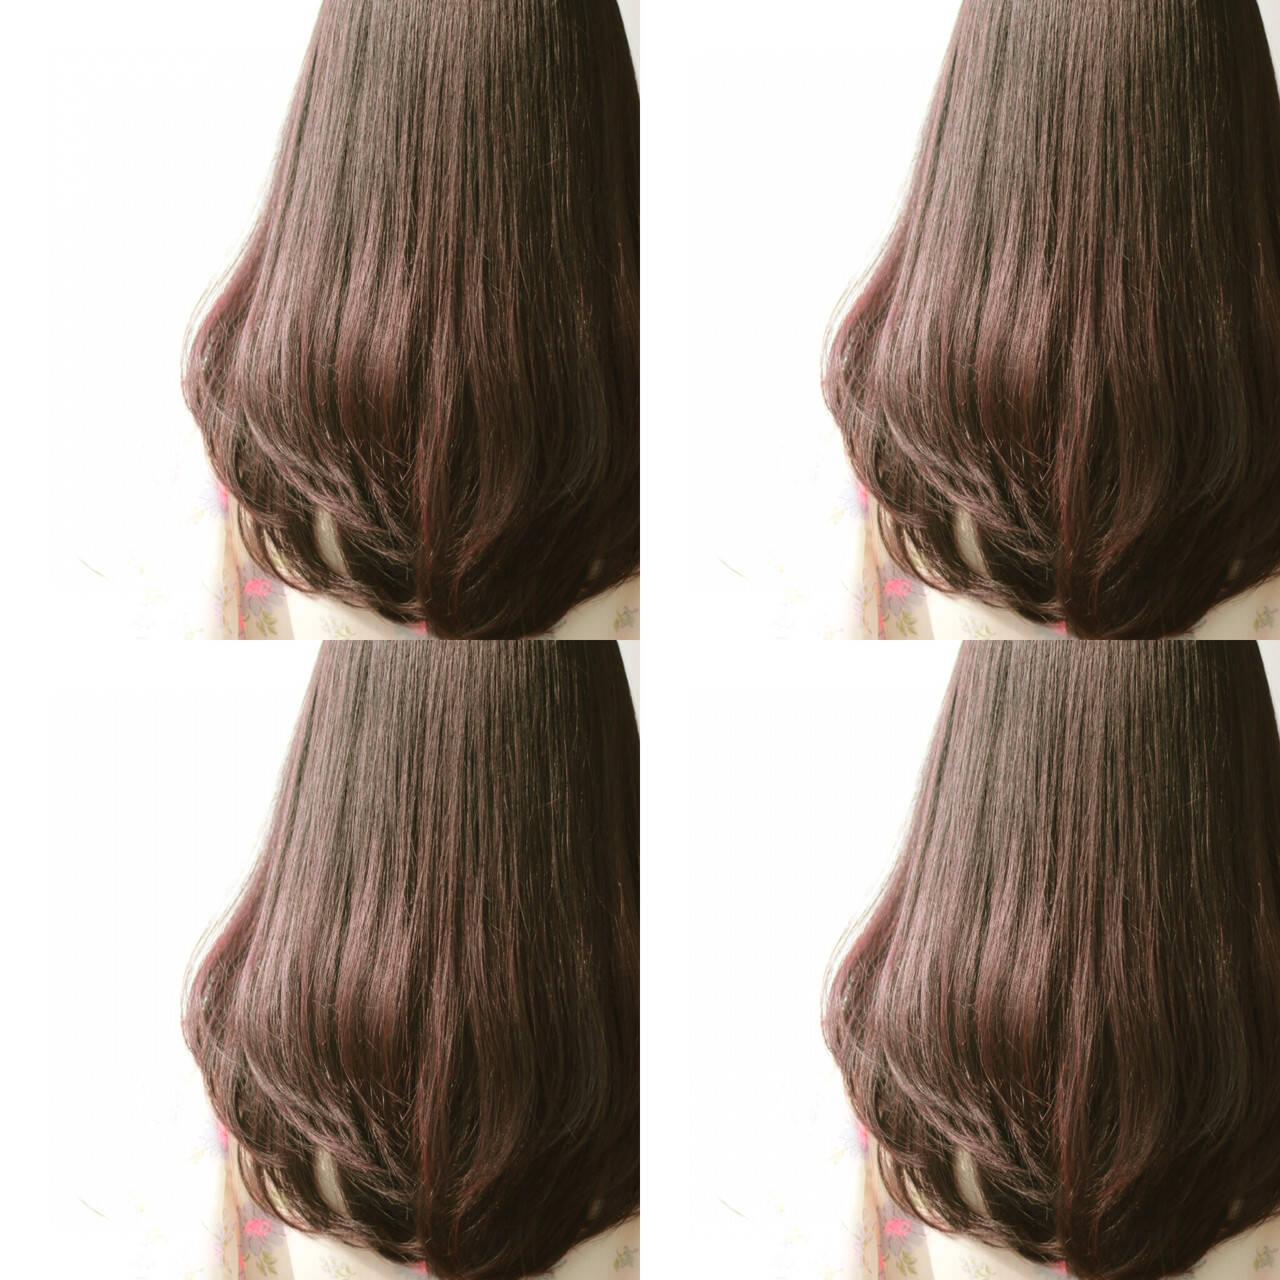 暗髪 外国人風 ナチュラル ロングヘアスタイルや髪型の写真・画像